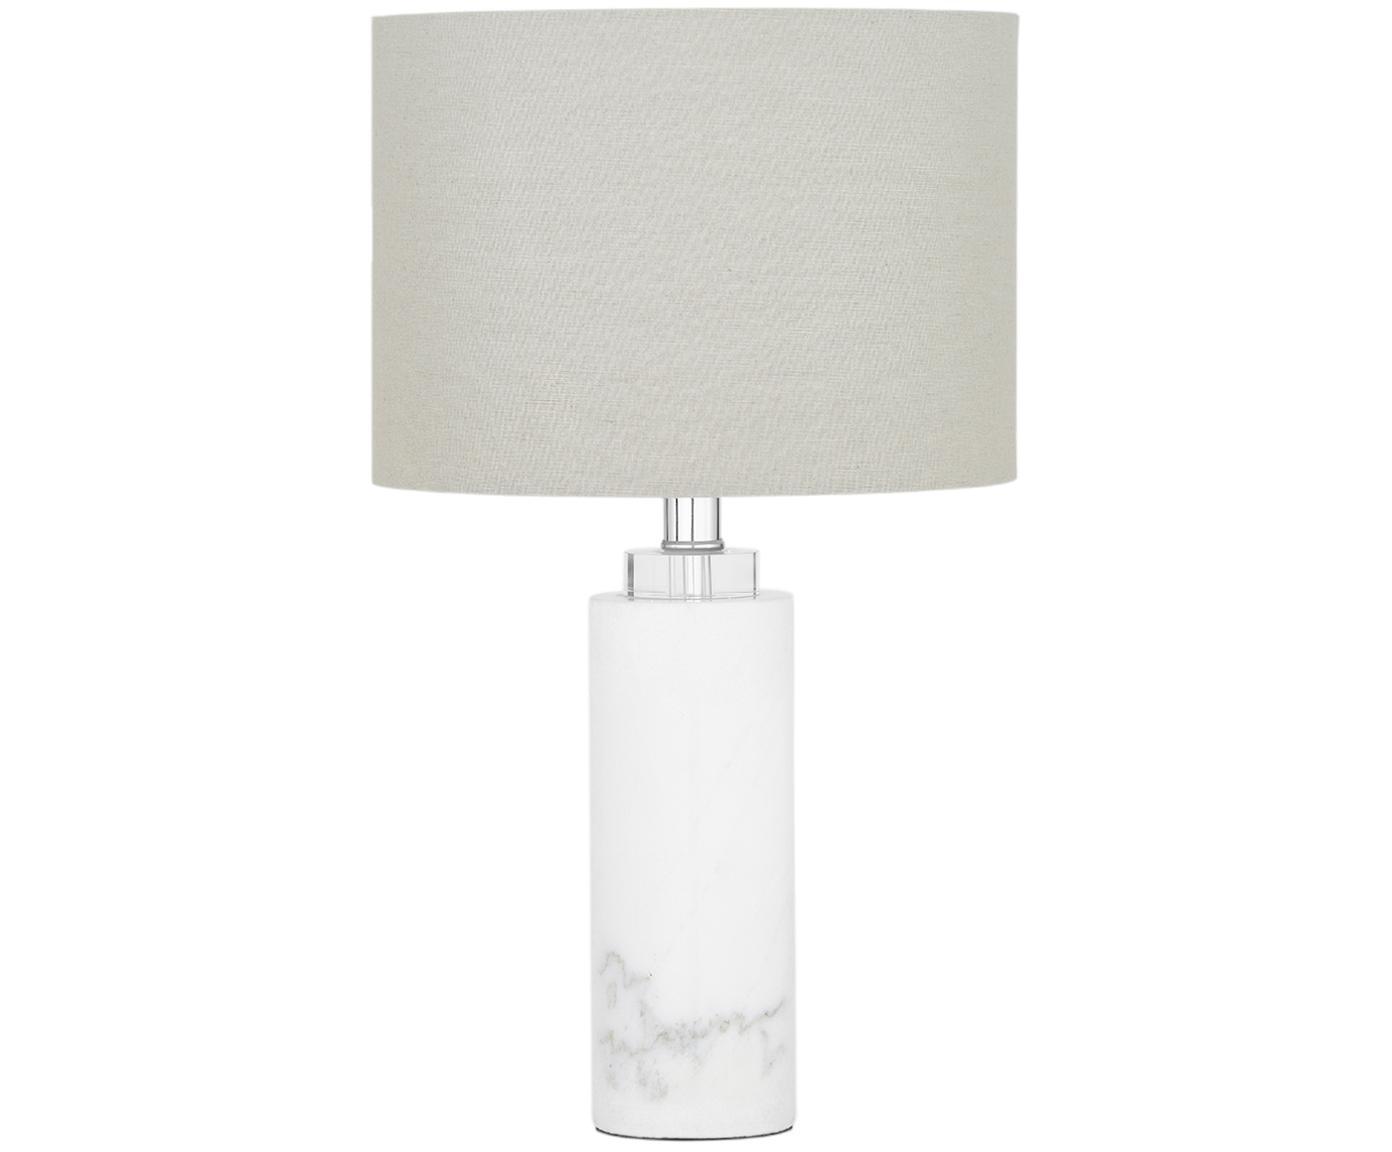 Marmor-Tischleuchte Amanda, Lampenschirm: Textil, Lampenfuß: Marmor, Kristall, Weiß, Ø 28 x H 48 cm